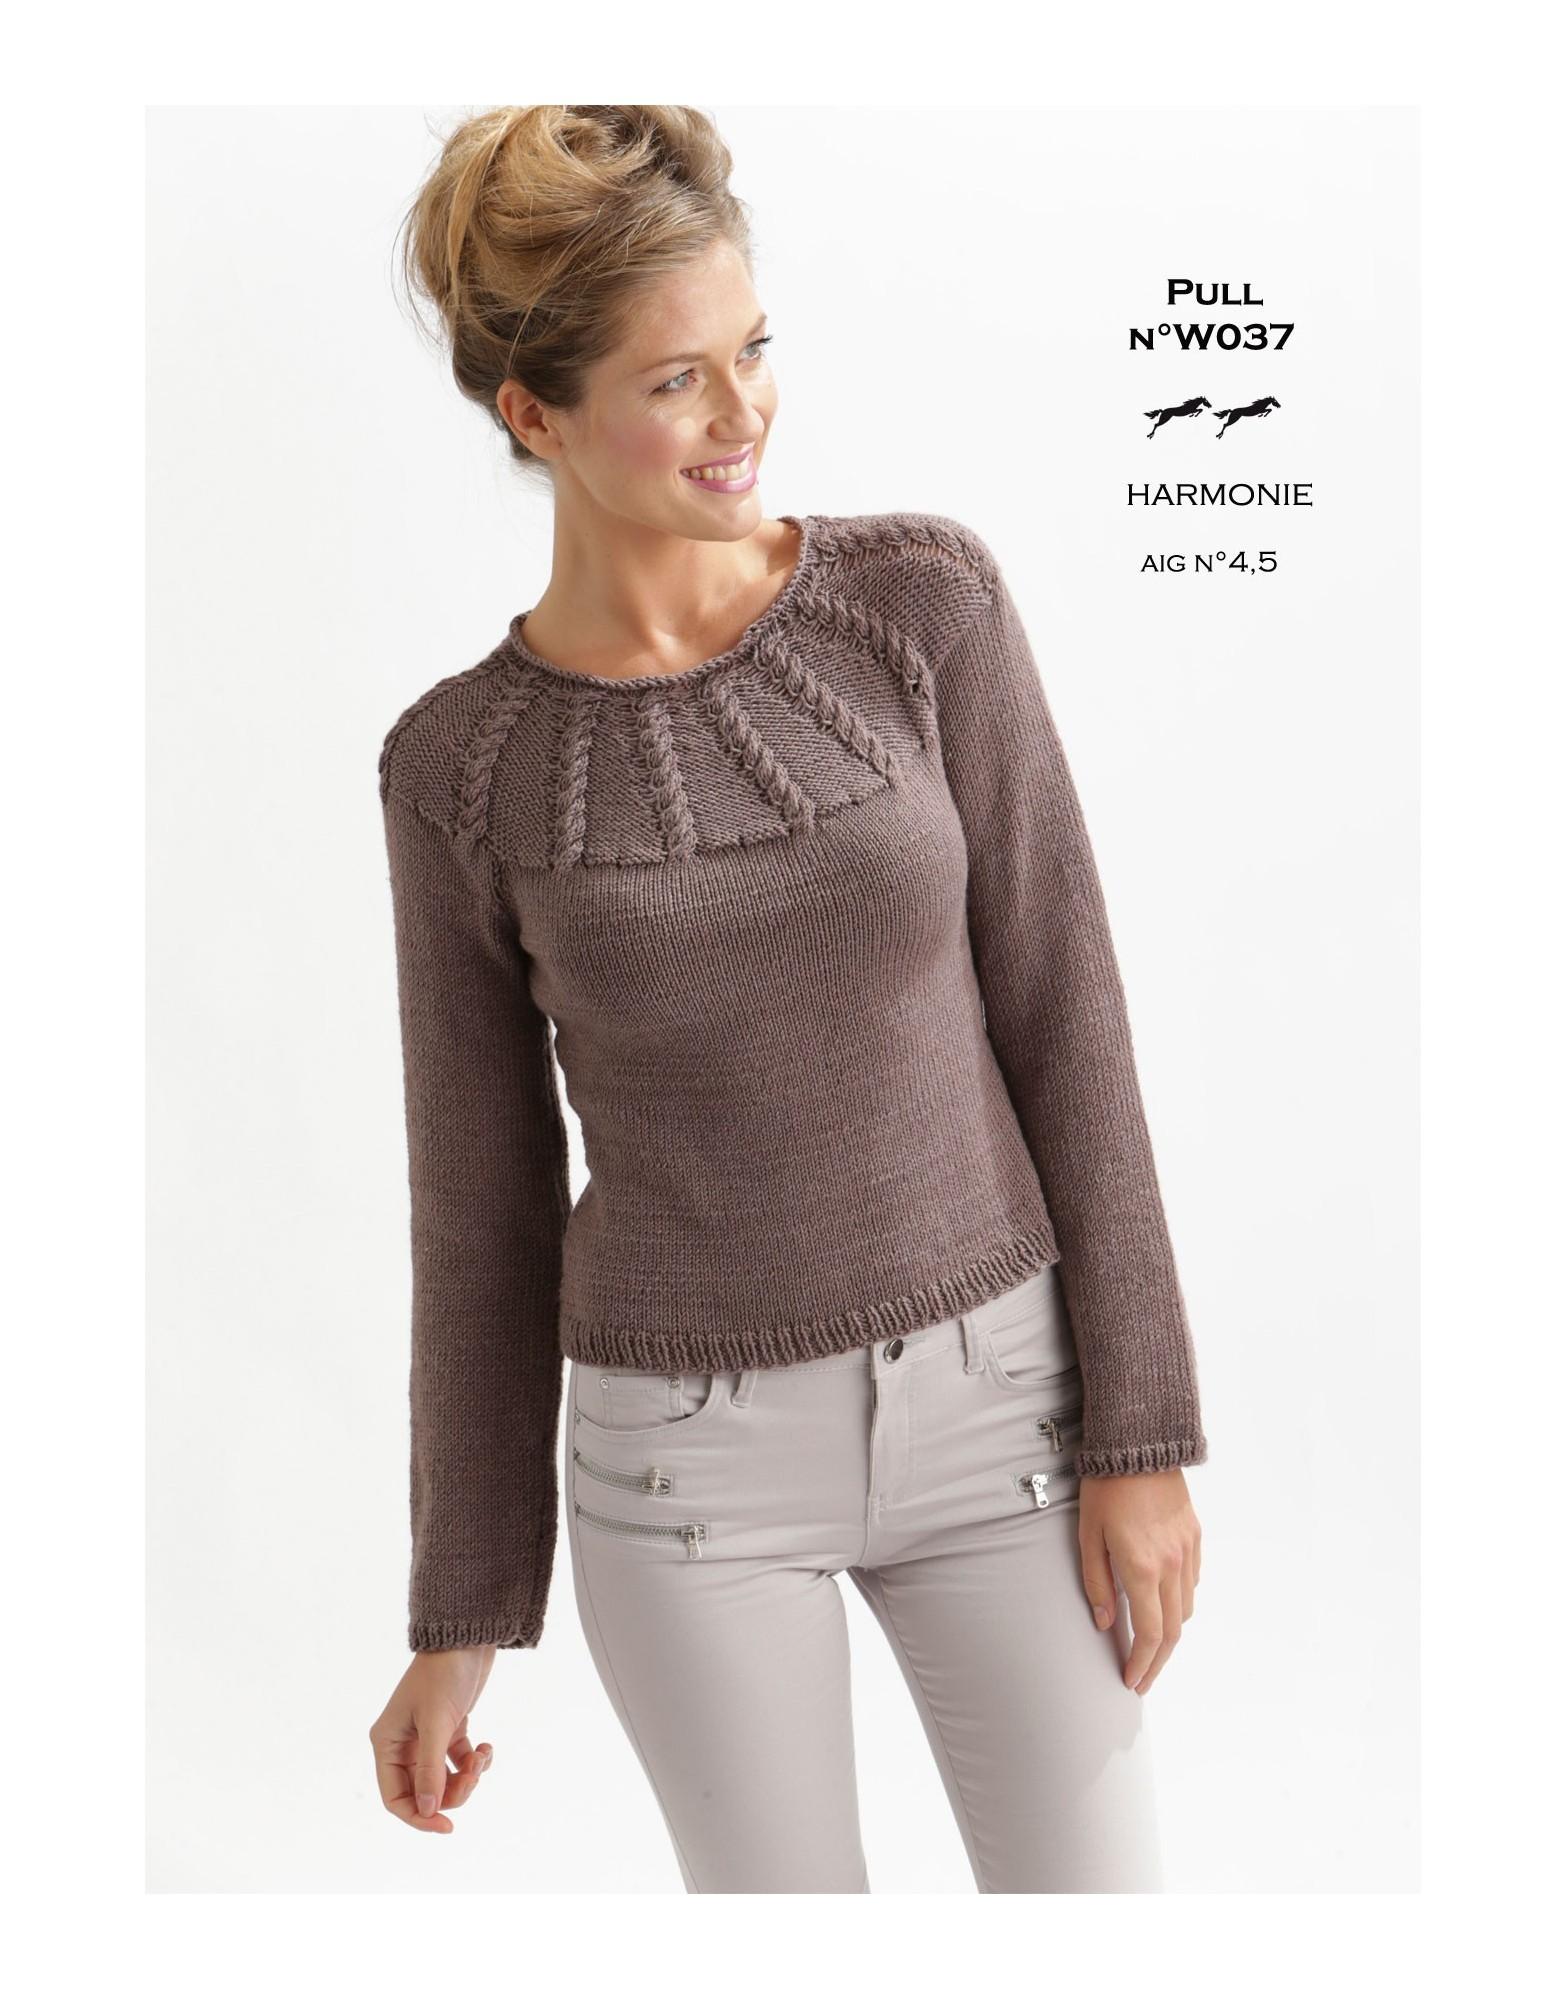 9fe7973eadf32 Modele de veste en laine a tricoter pour femme - Chapka, doudoune ...